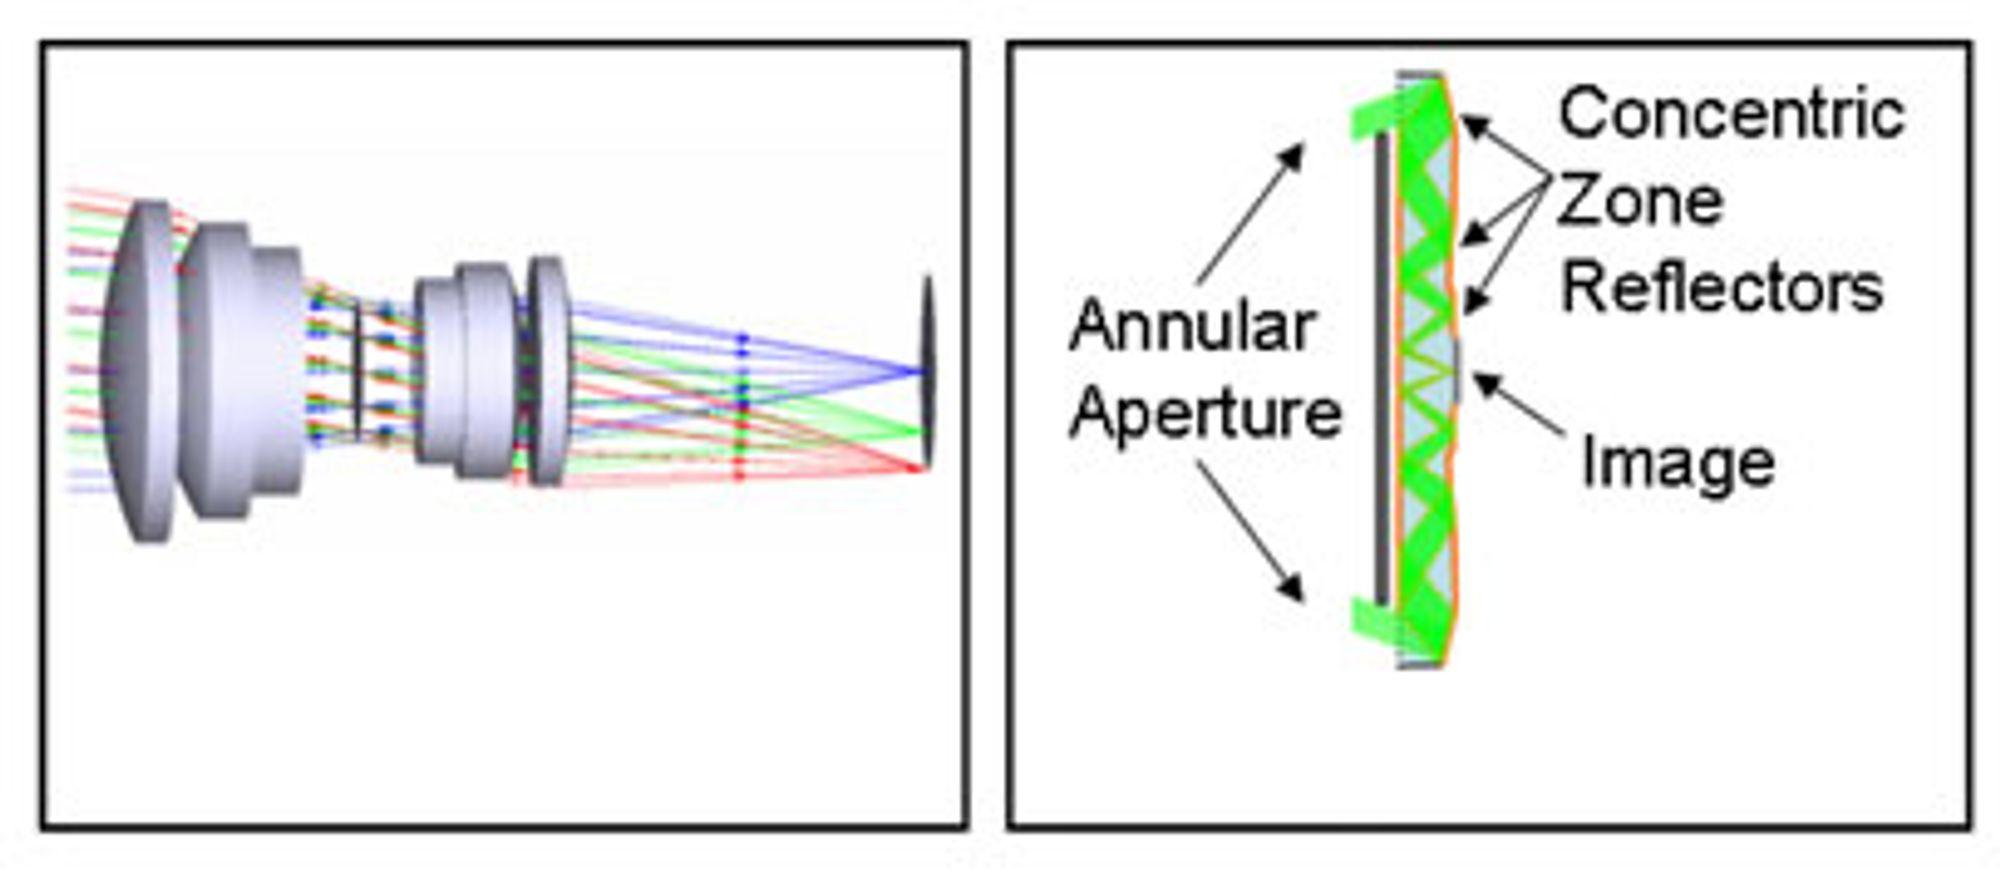 En tradisjonell objektivkonstruksjon til venstre, et